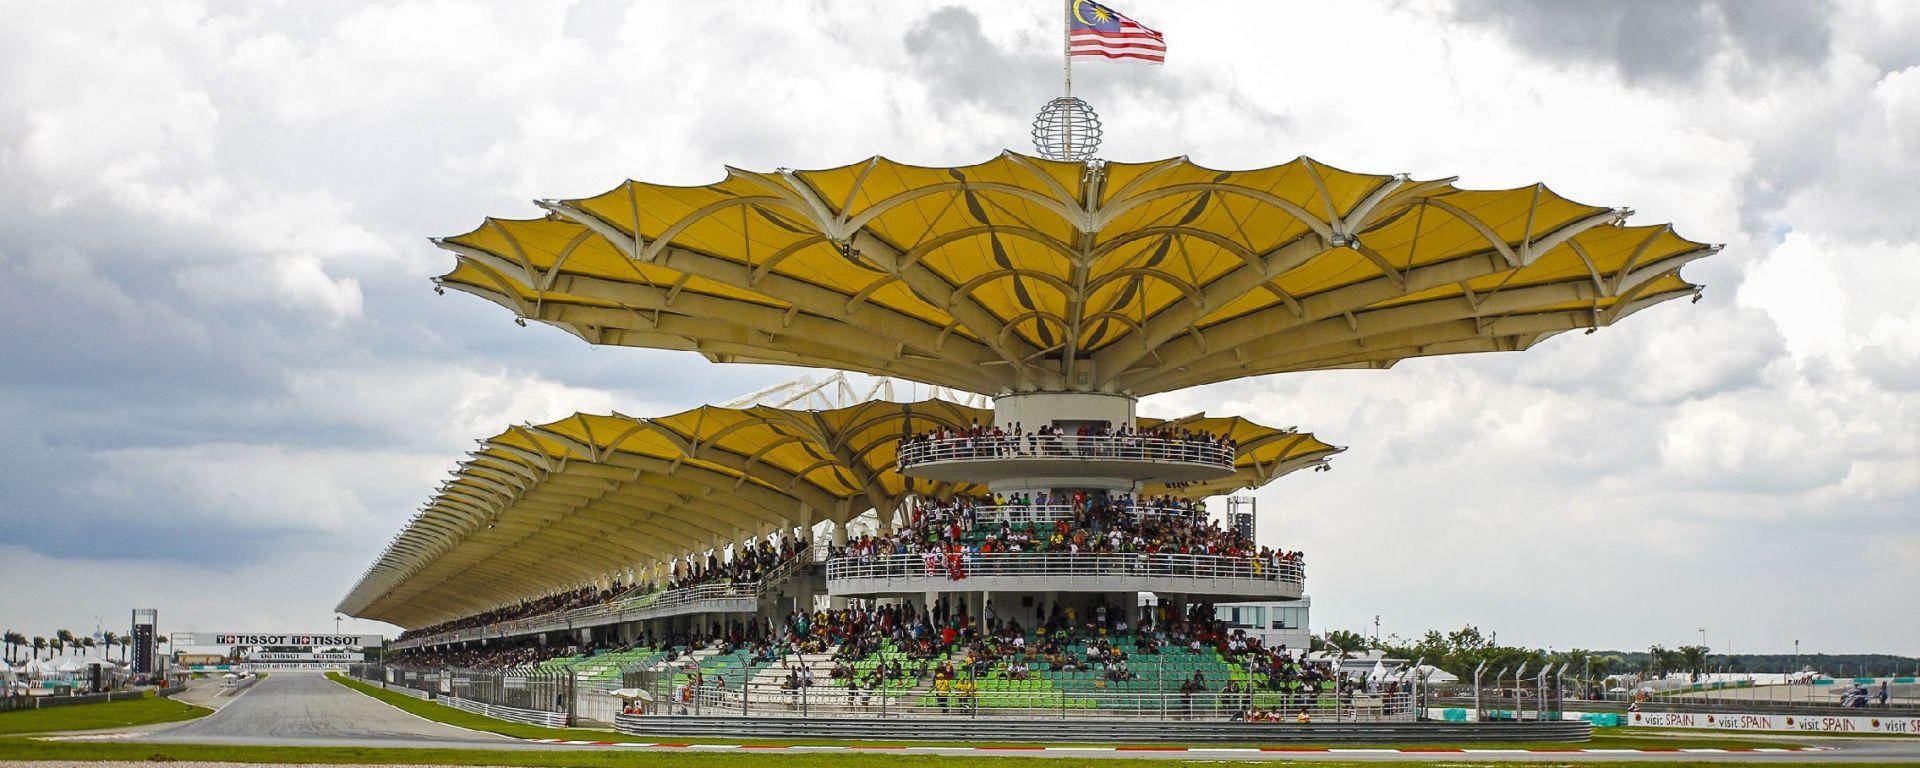 MotoGP Sepang Malesia: Prove libere, qualifiche, risultati gara